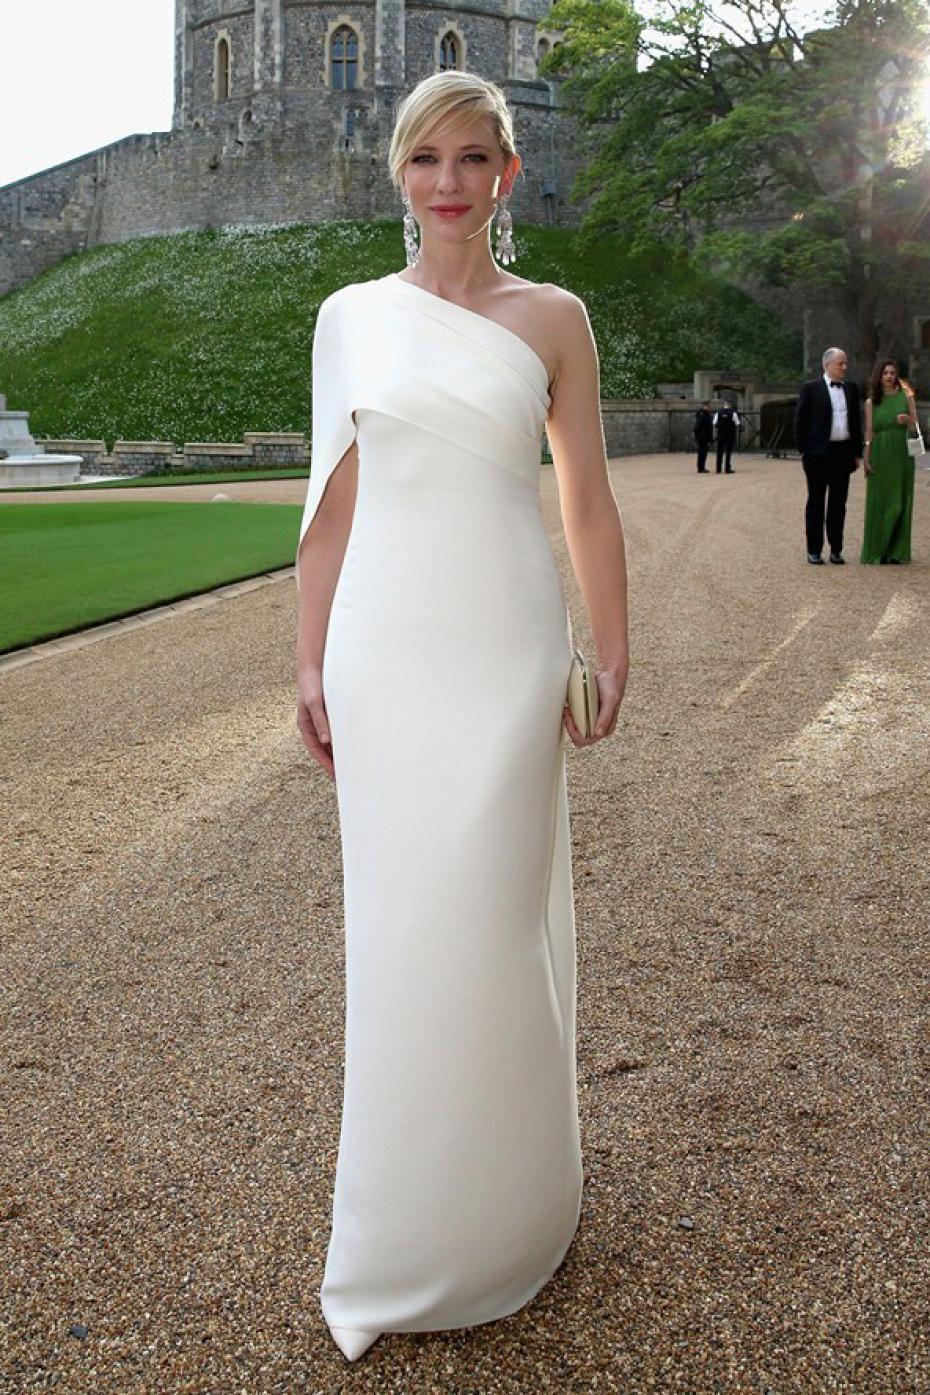 Blanchett Belle Cate Blanche LaurenPrintemps Ralph De Robe tdCQhrs